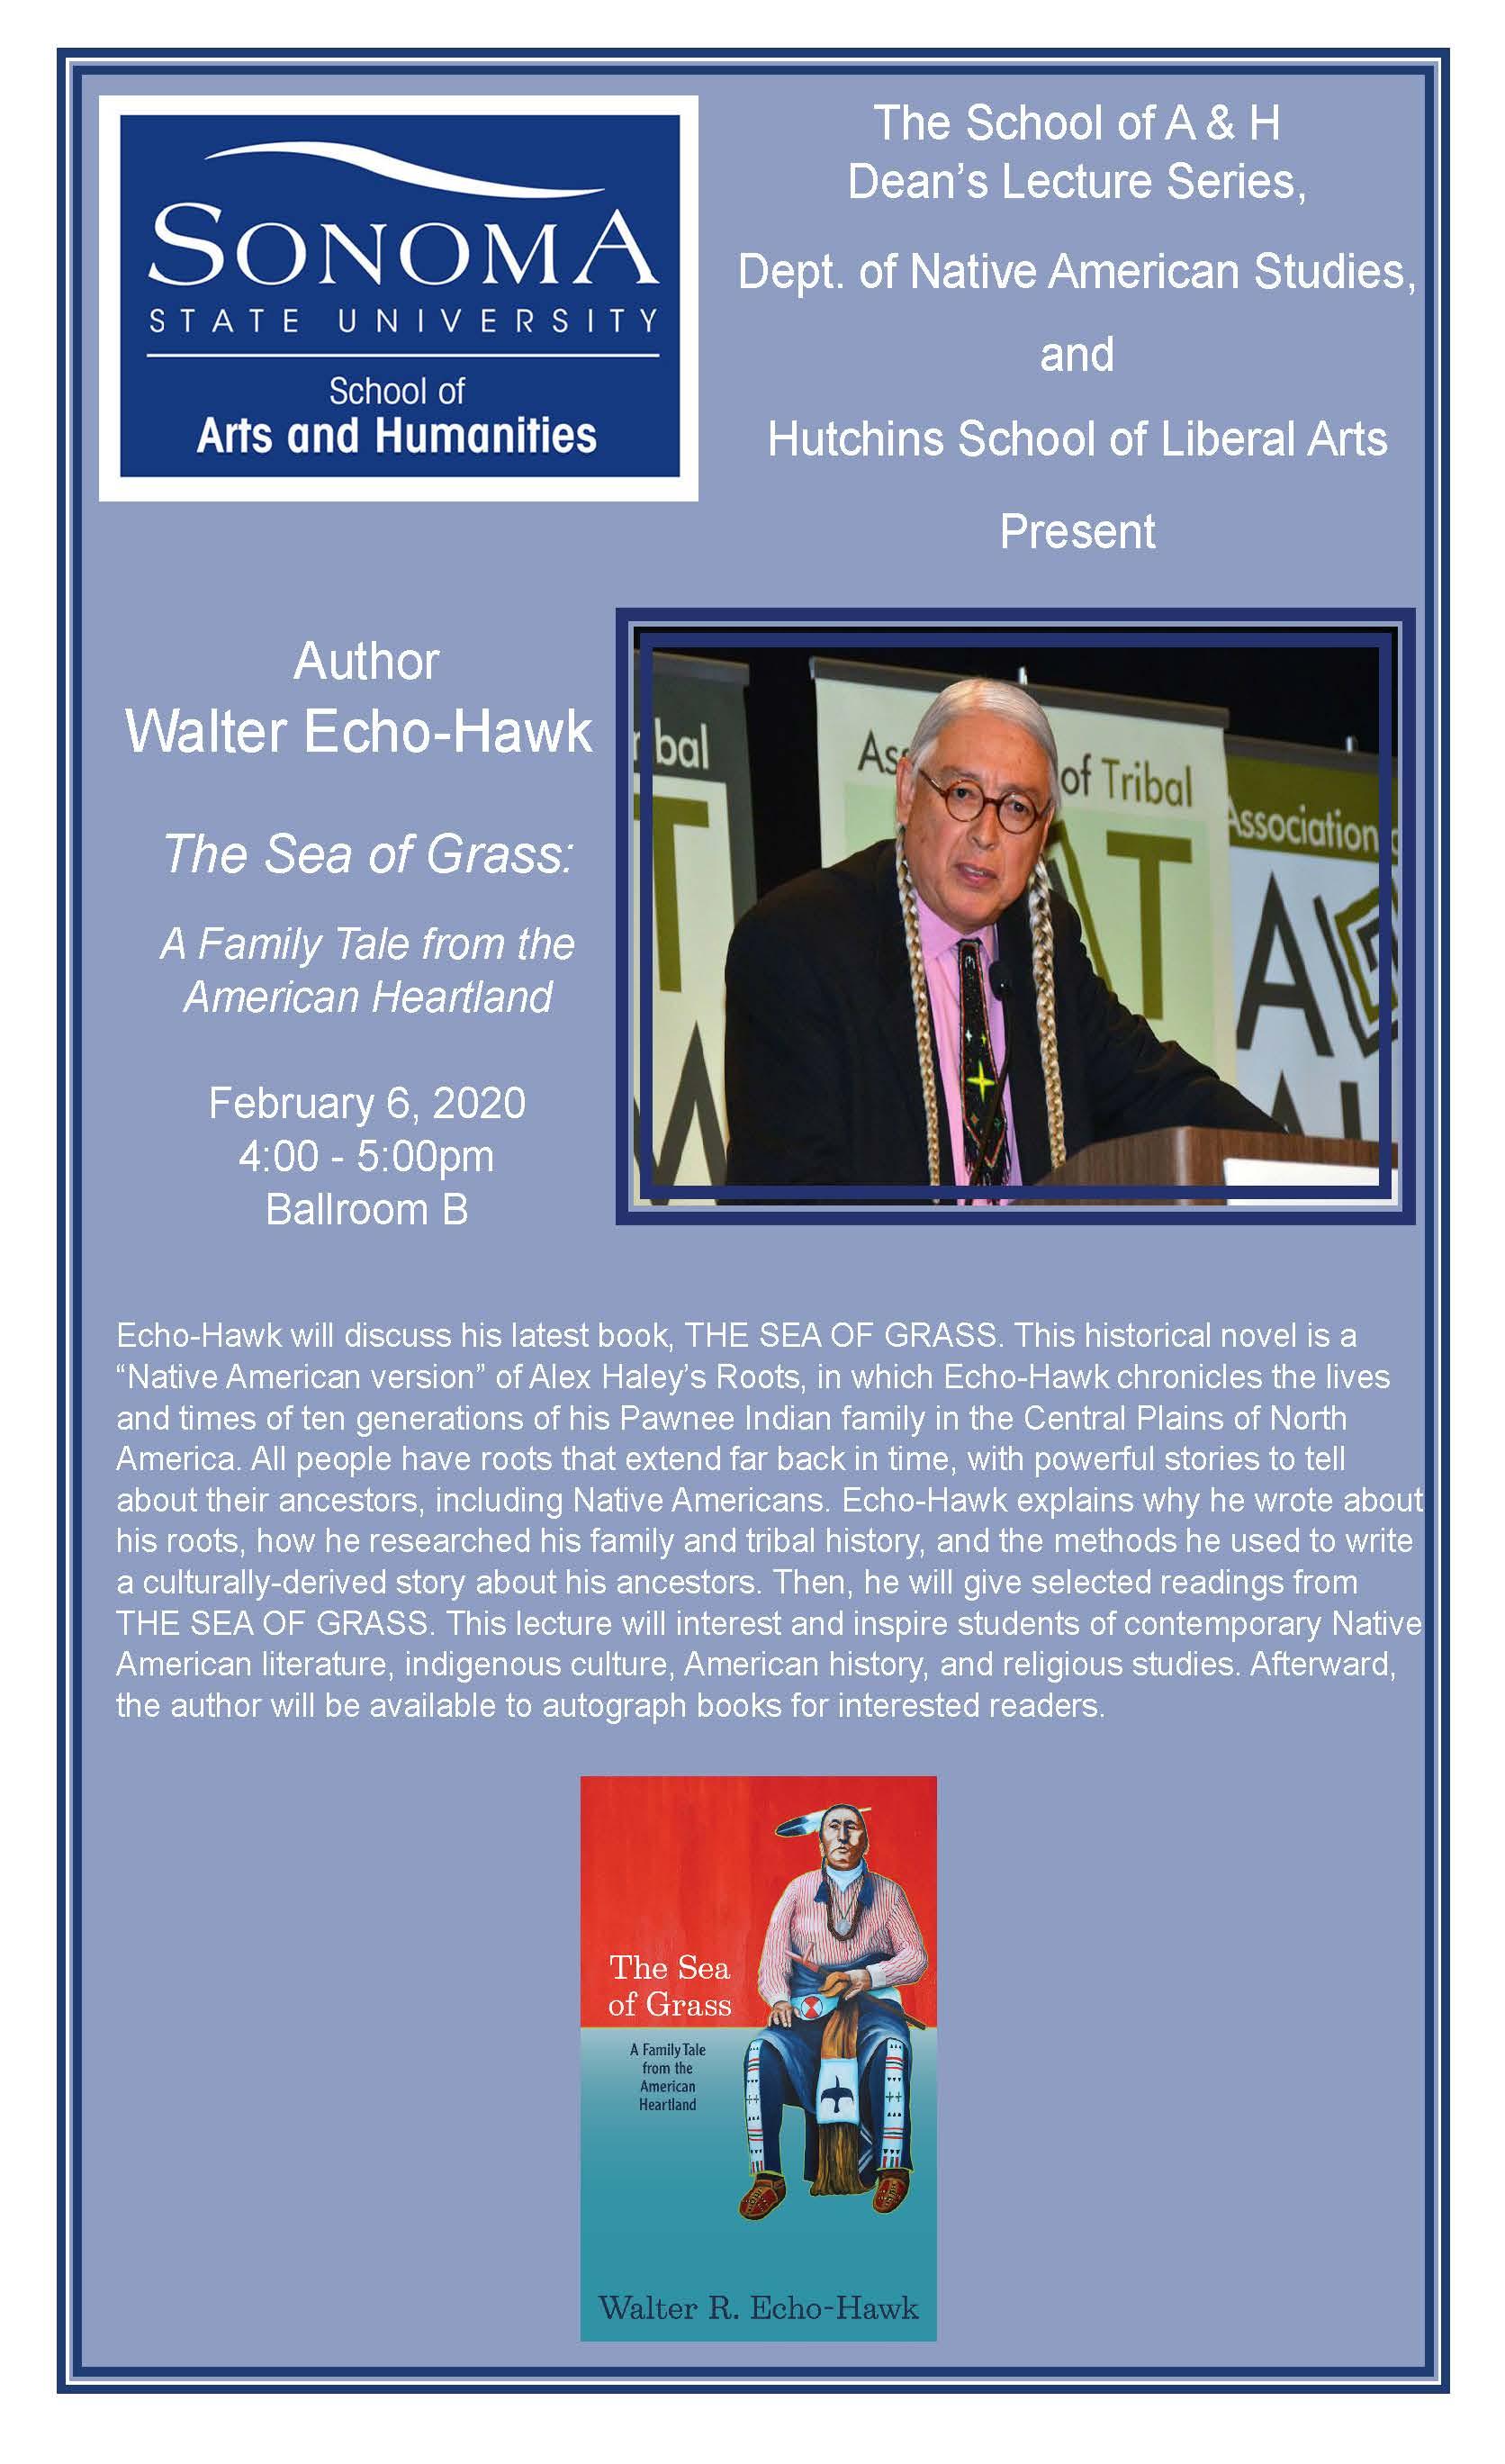 Walter Echo Hawk